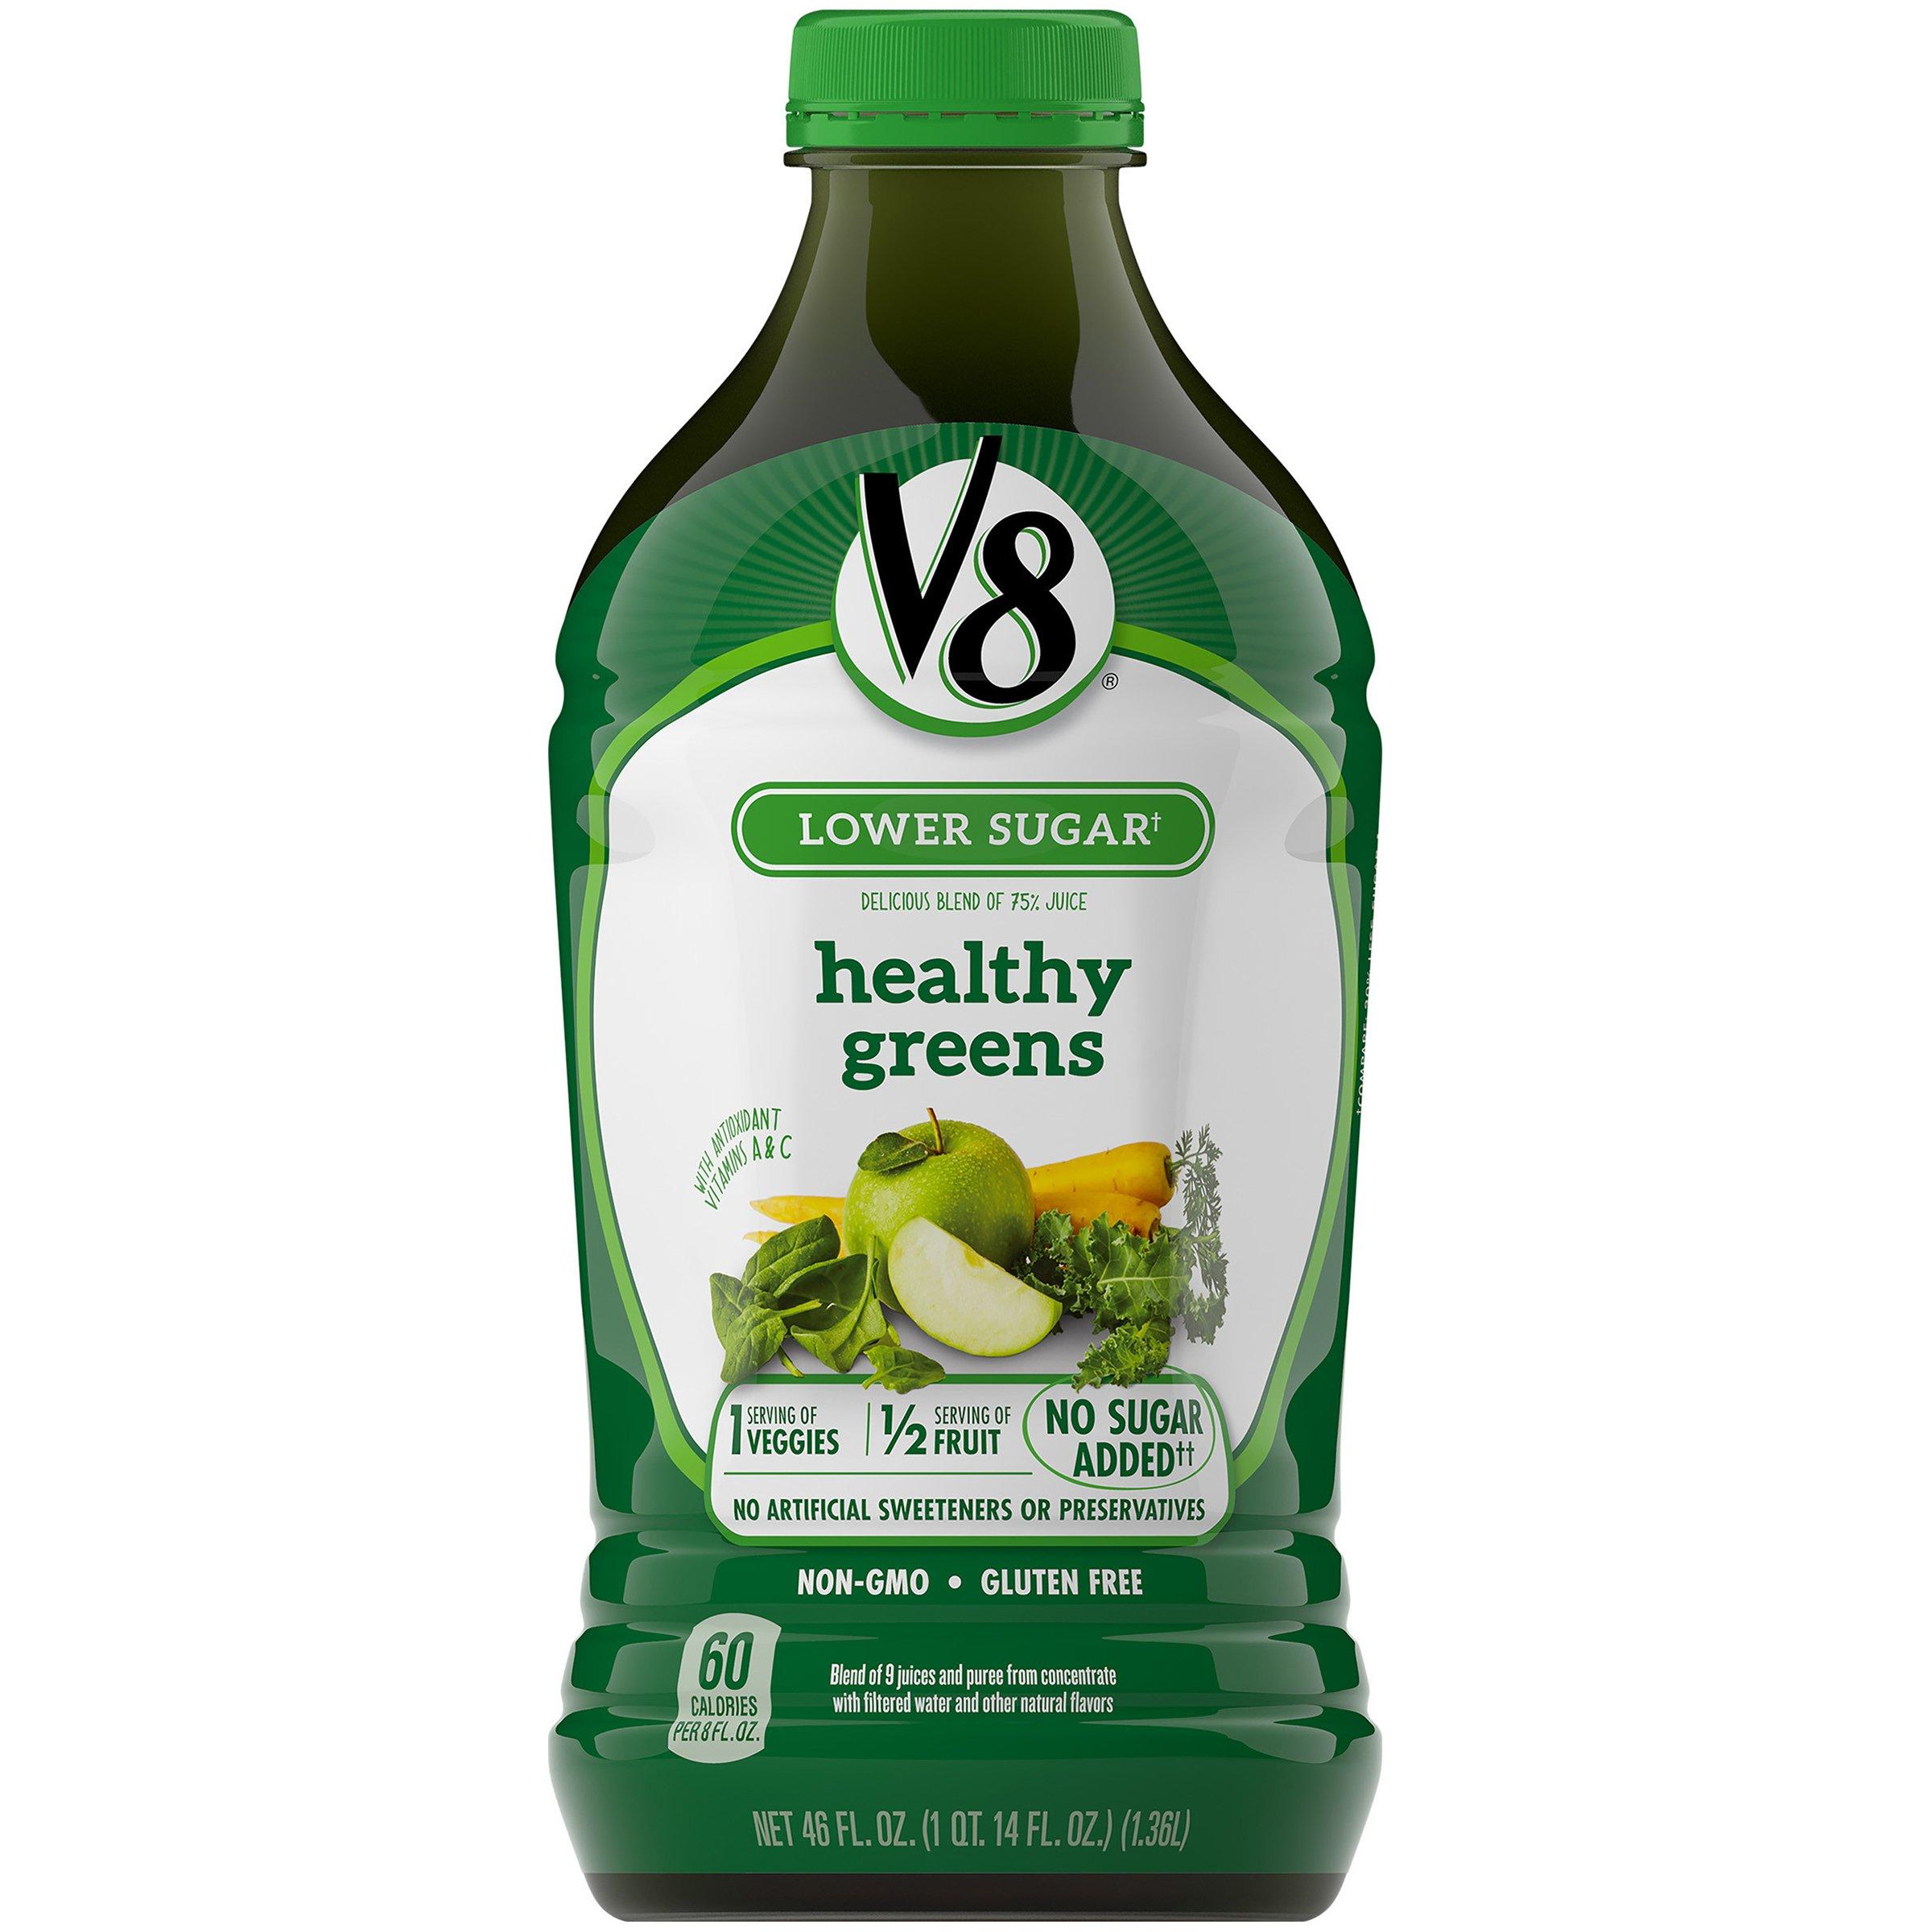 V8 Healthy Greens, 46 oz. Bottle by V8